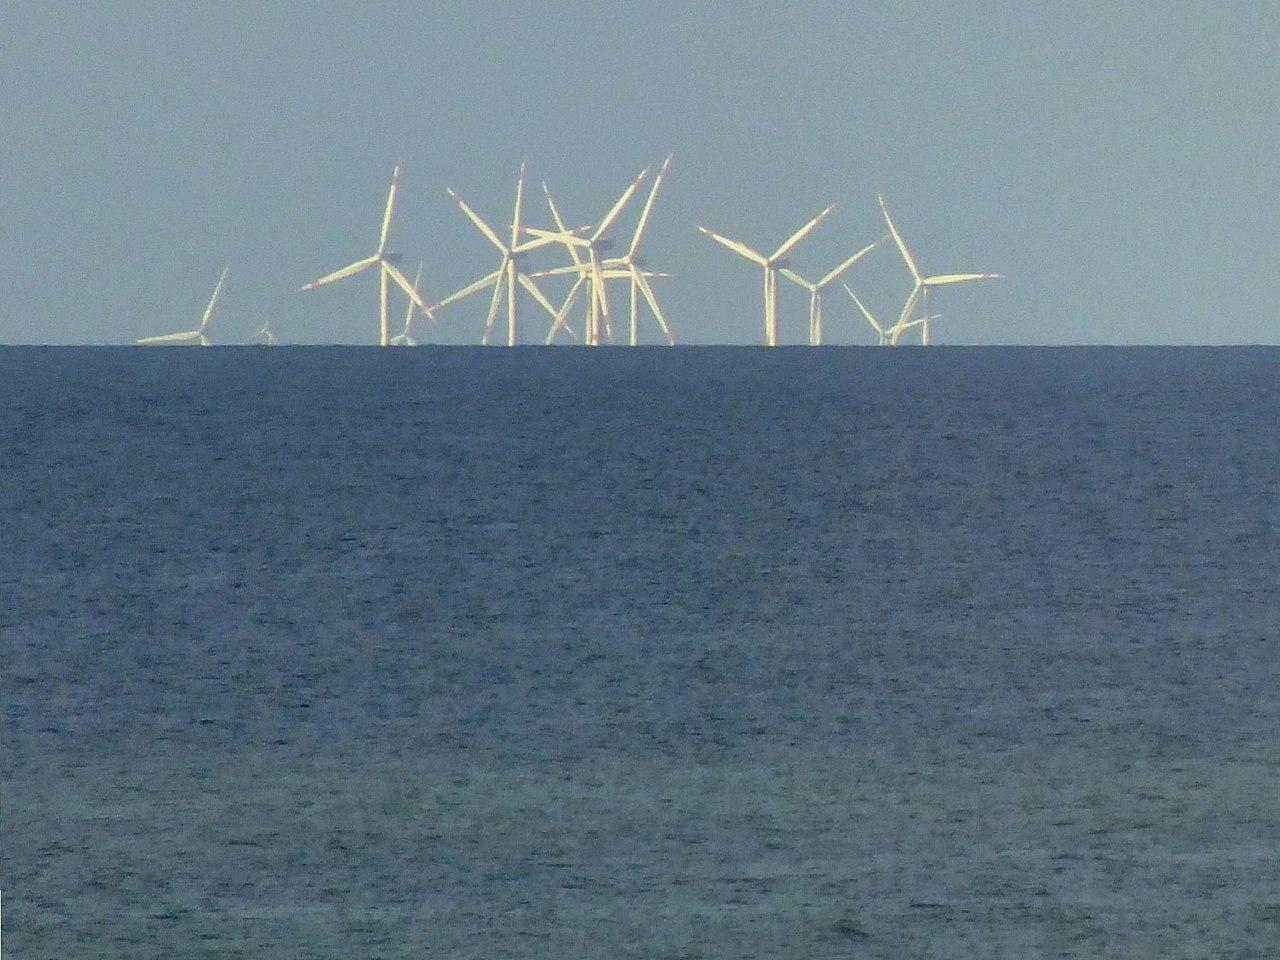 Windräder unter dem Horizont